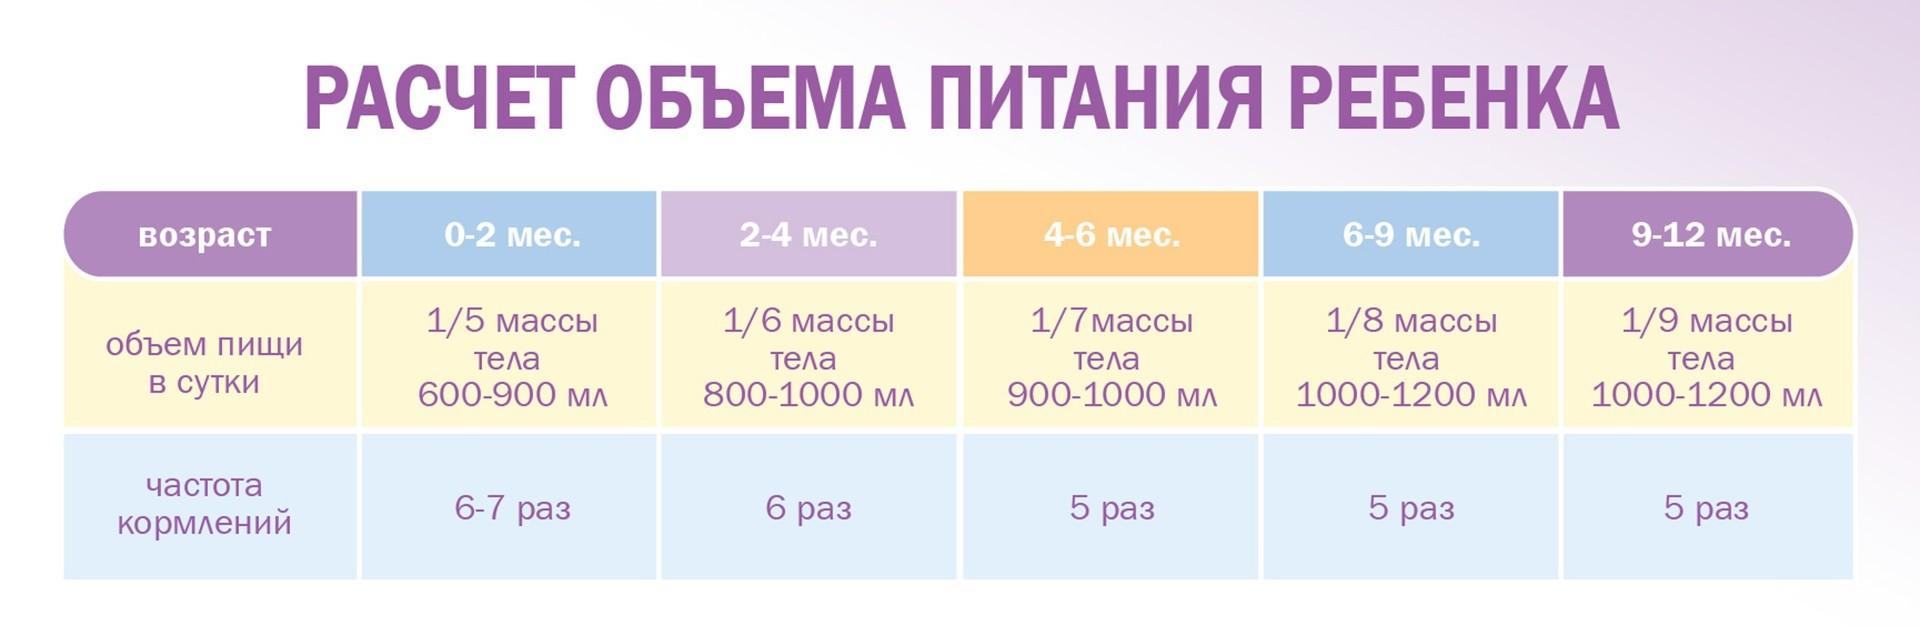 Расчет объема питания детей до года